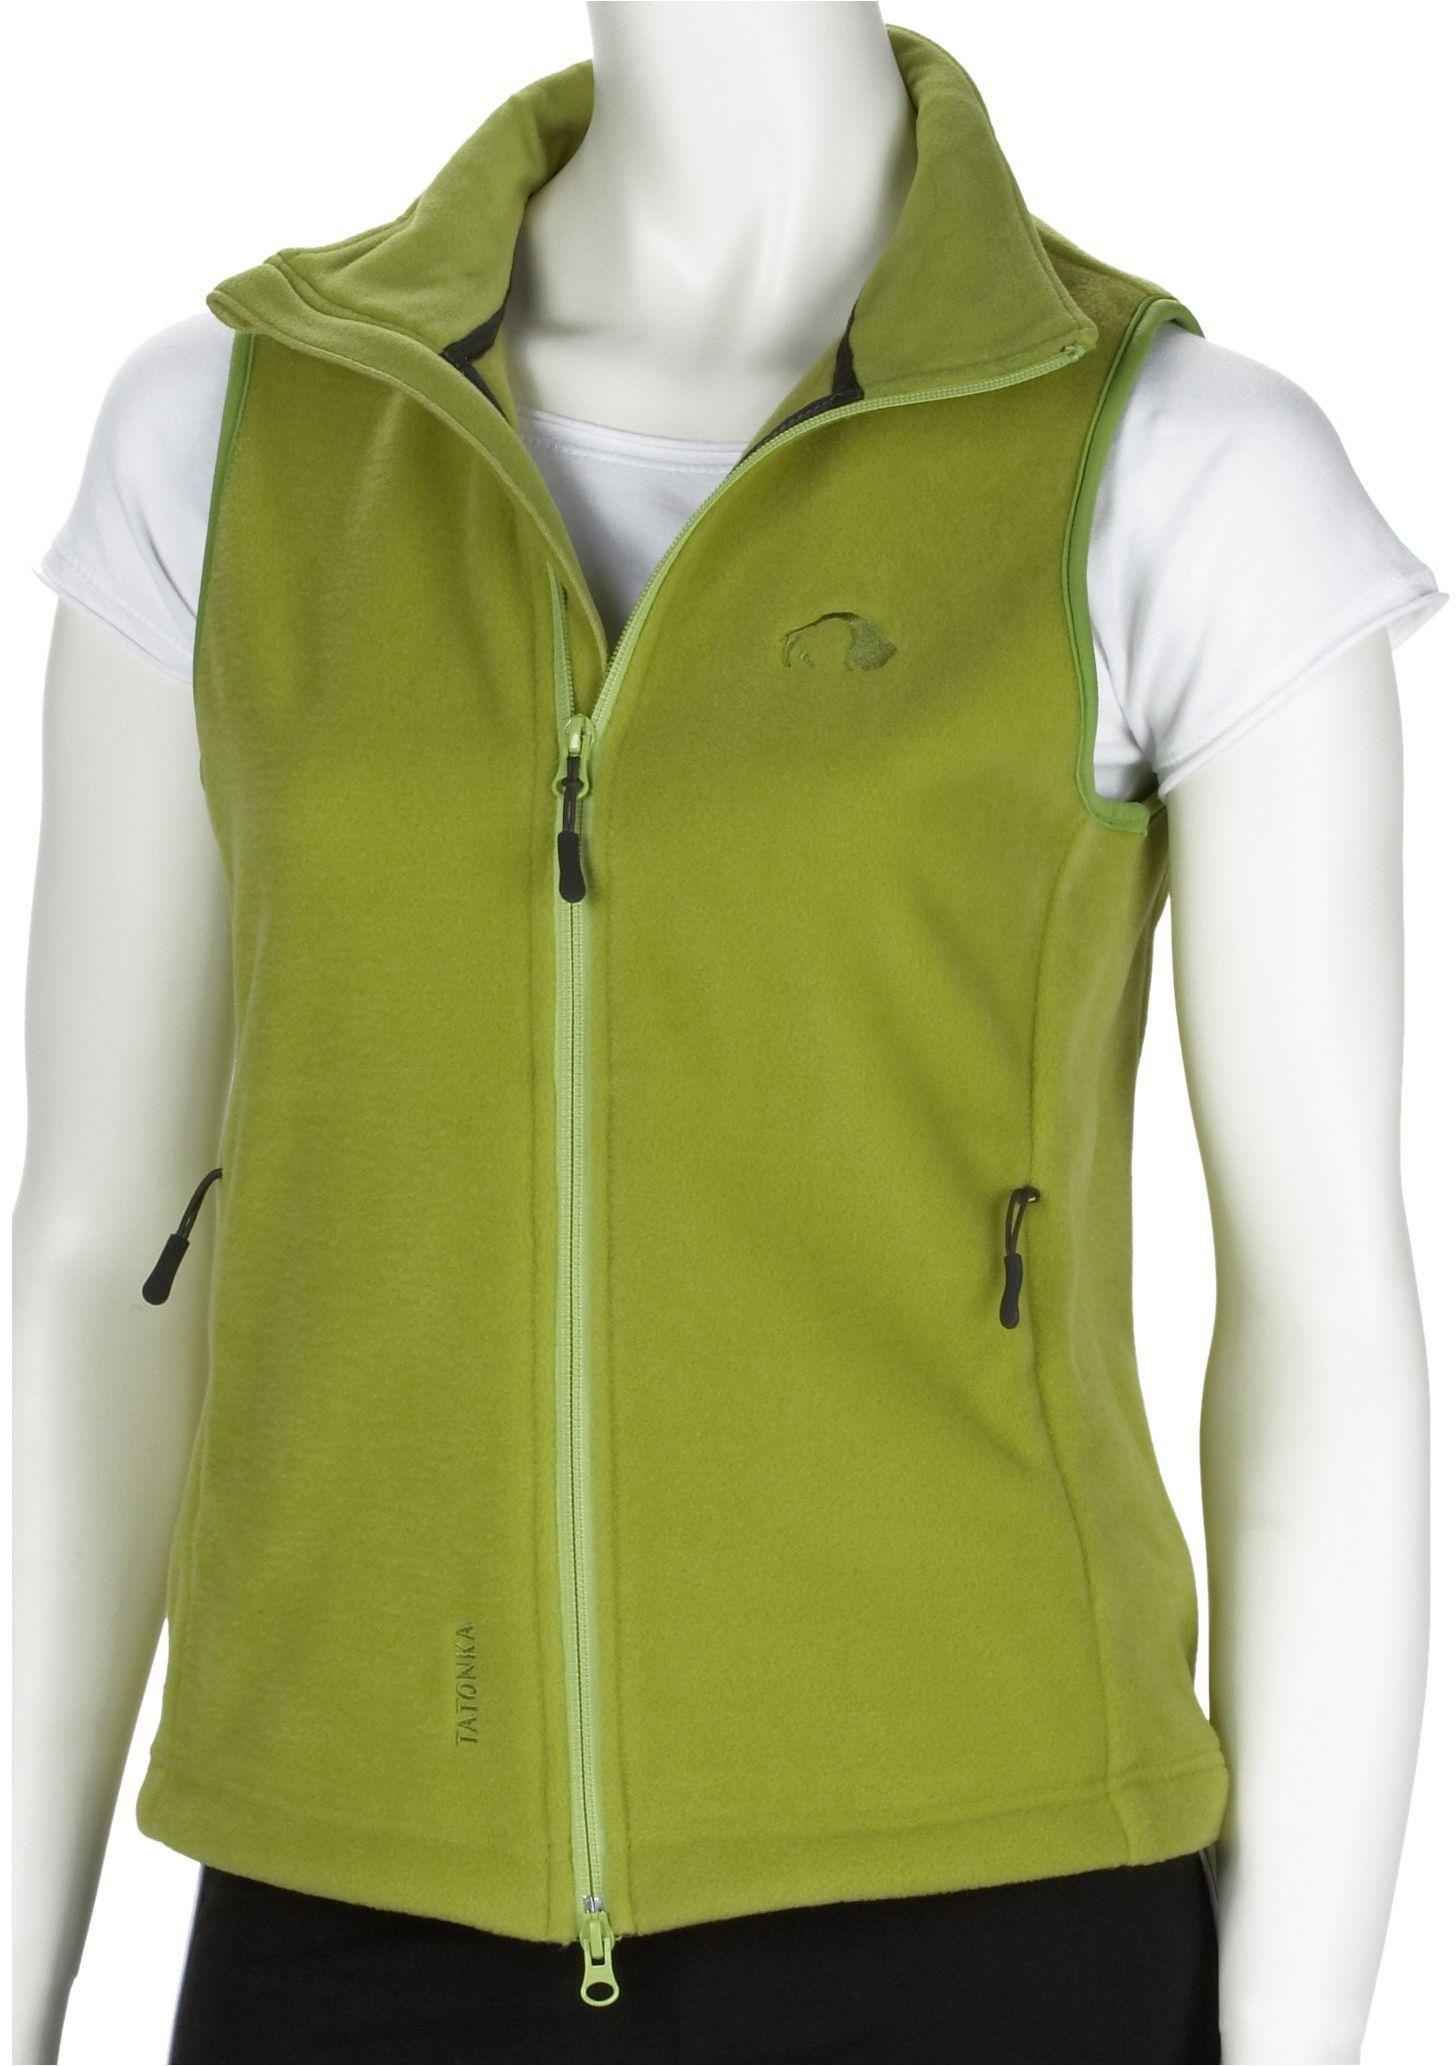 """Tatonka Essential damska kamizelka polarowa""""Montrose Lady Vest"""" z polaru, rozm. 40, zielona oasis"""